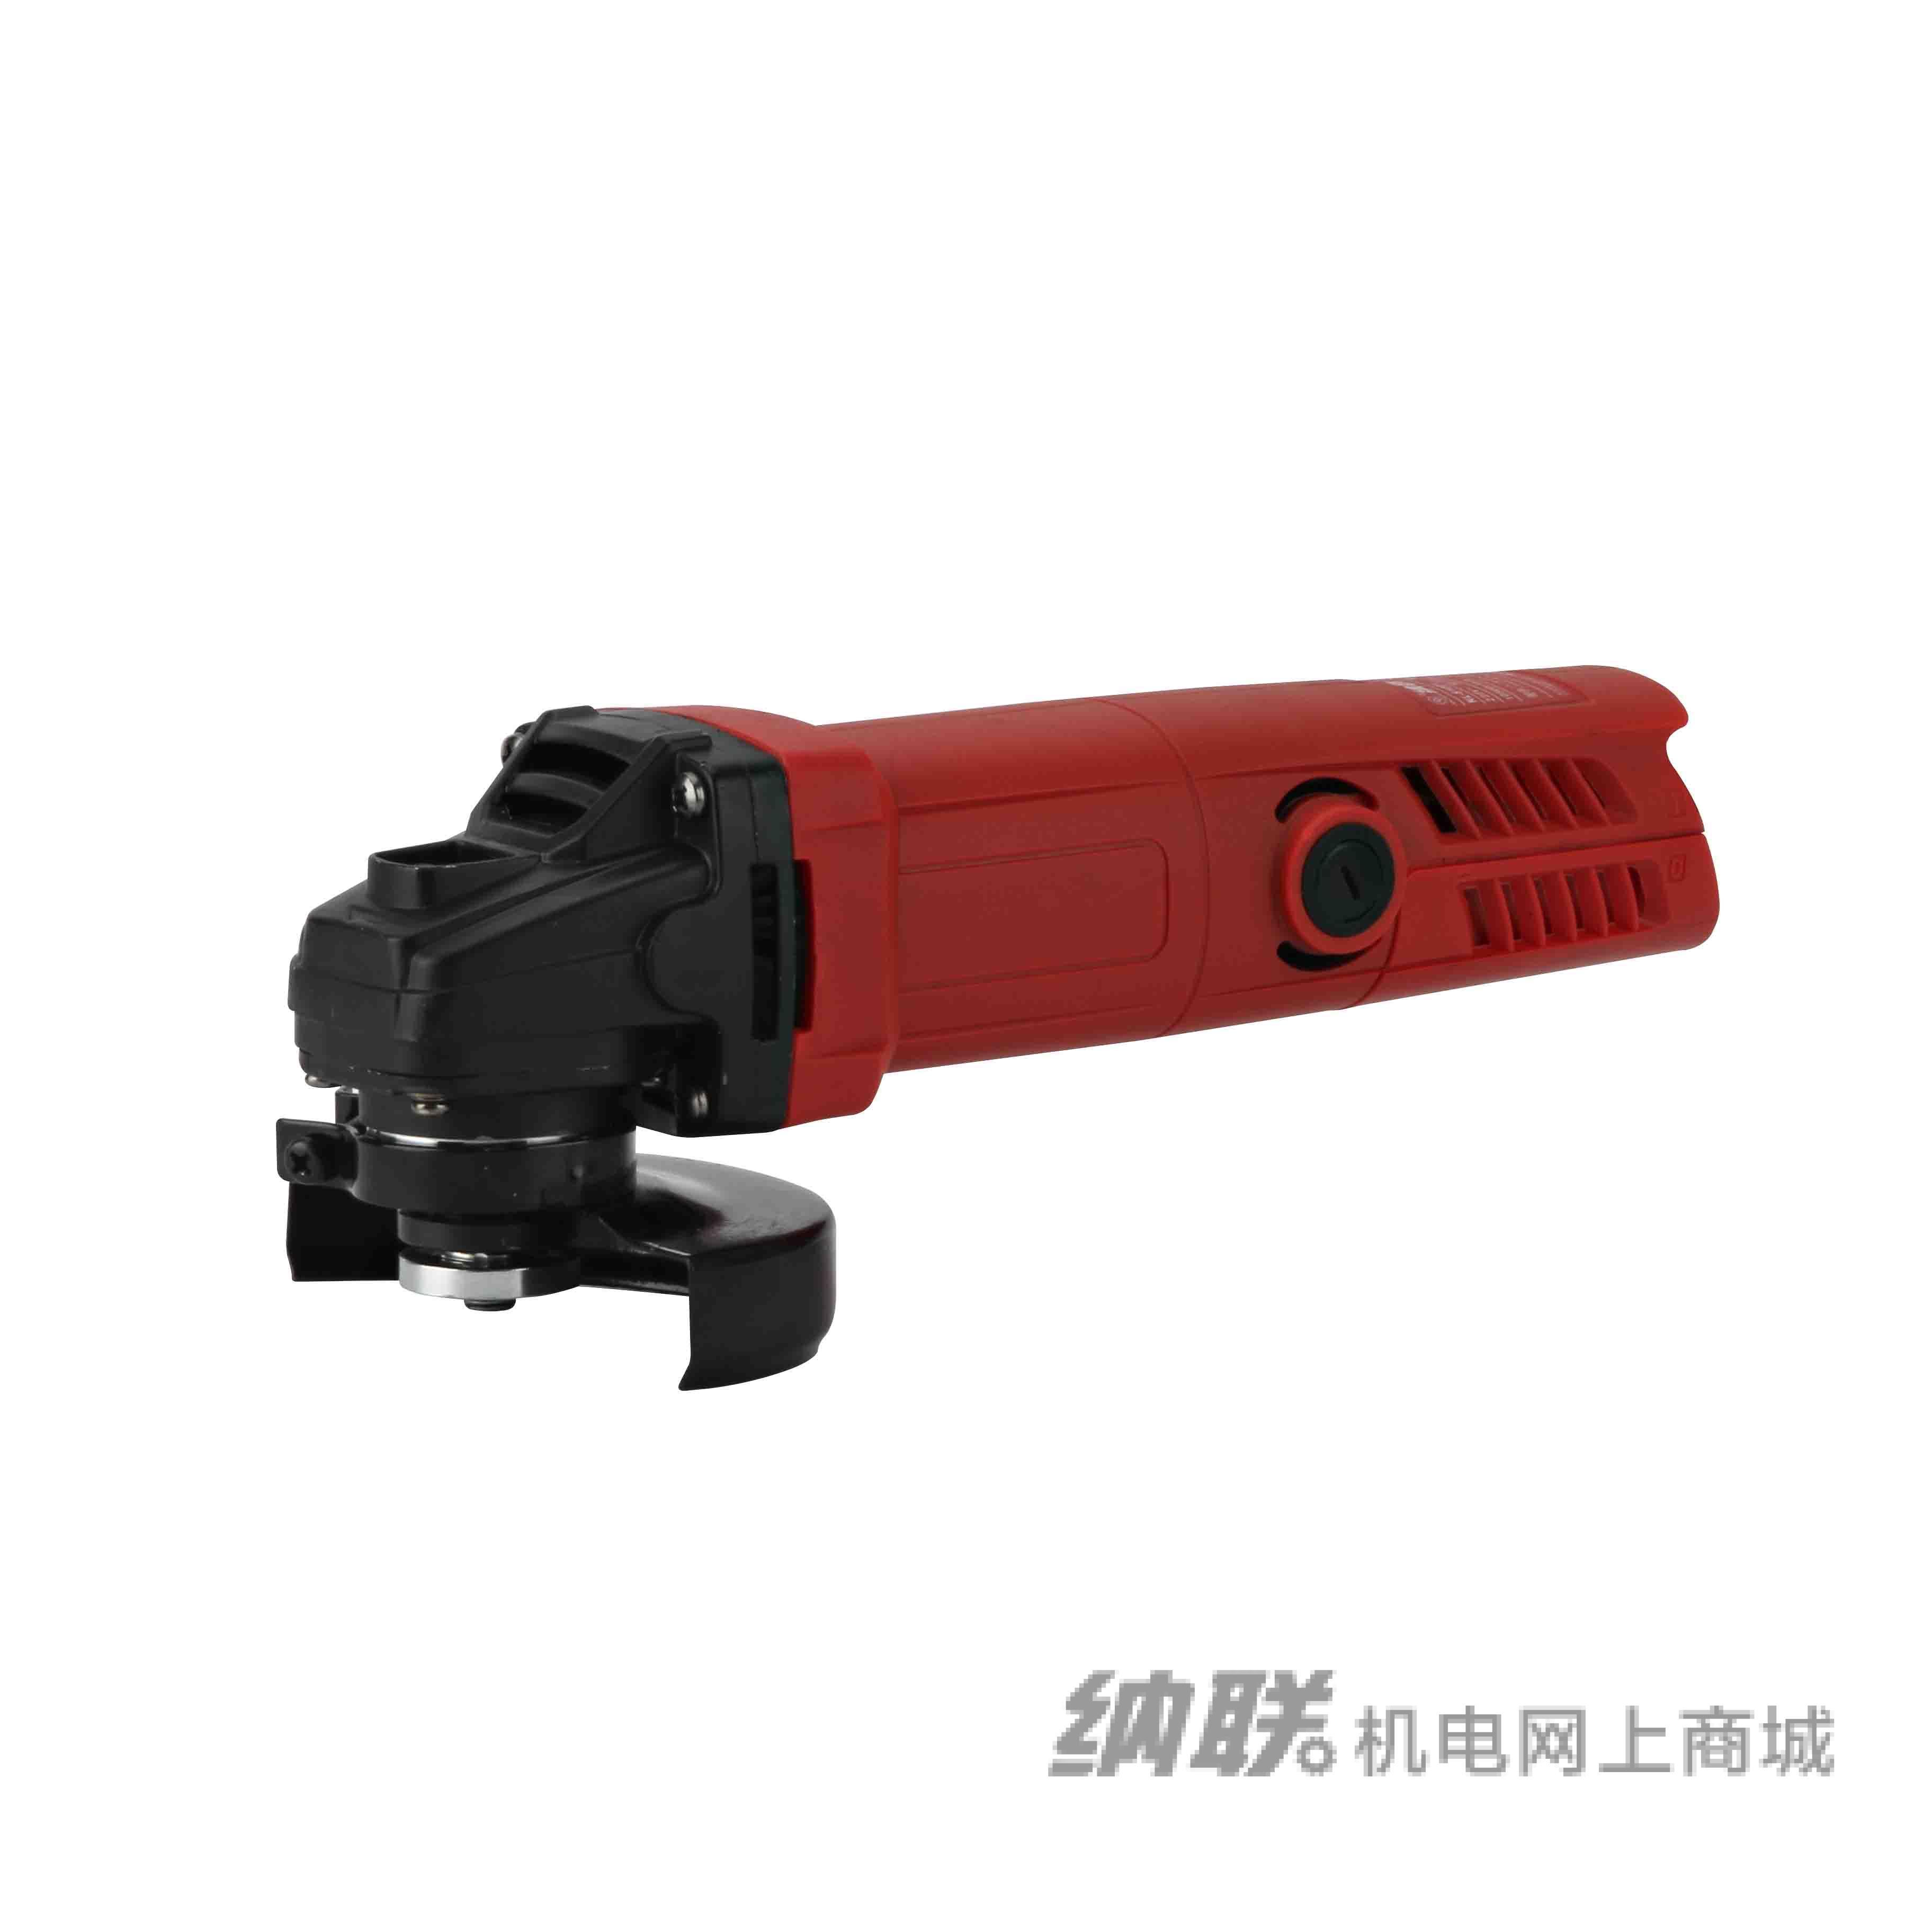 纳联机电 电动角磨机-NL-81001